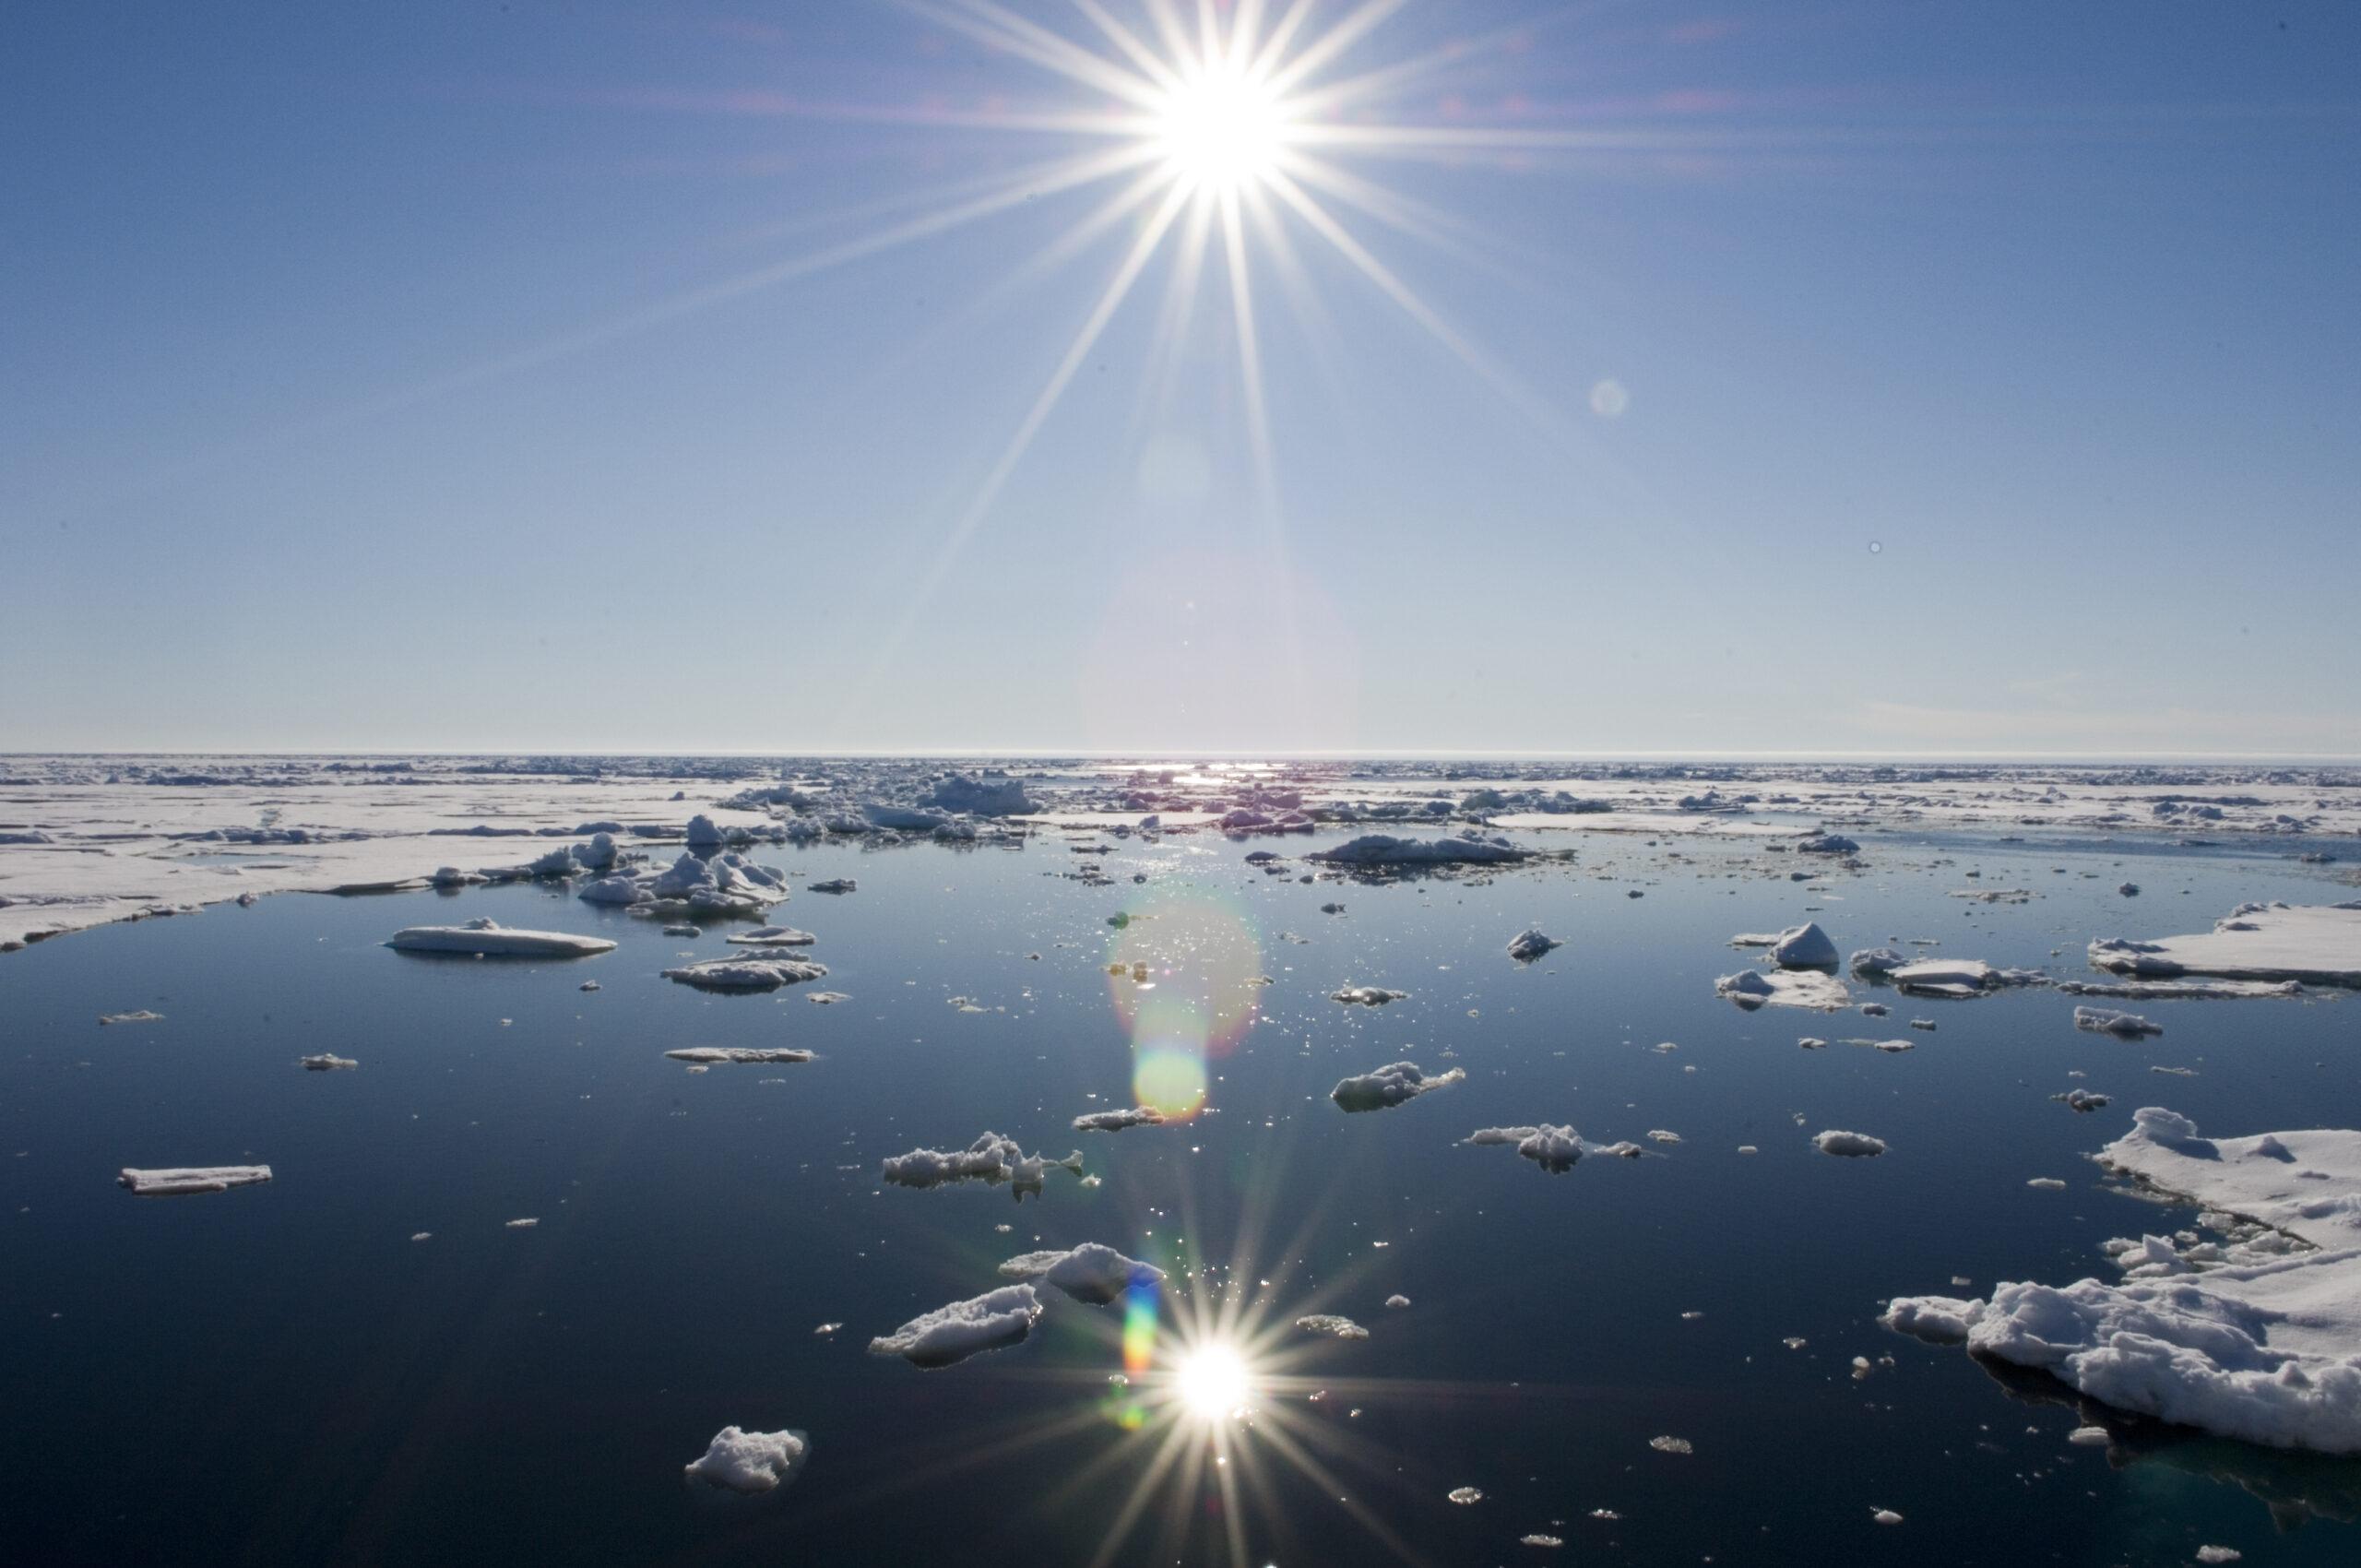 伍兹霍尔海洋研究所与 ADI 公司共同宣布成立海洋与气候创新加速器